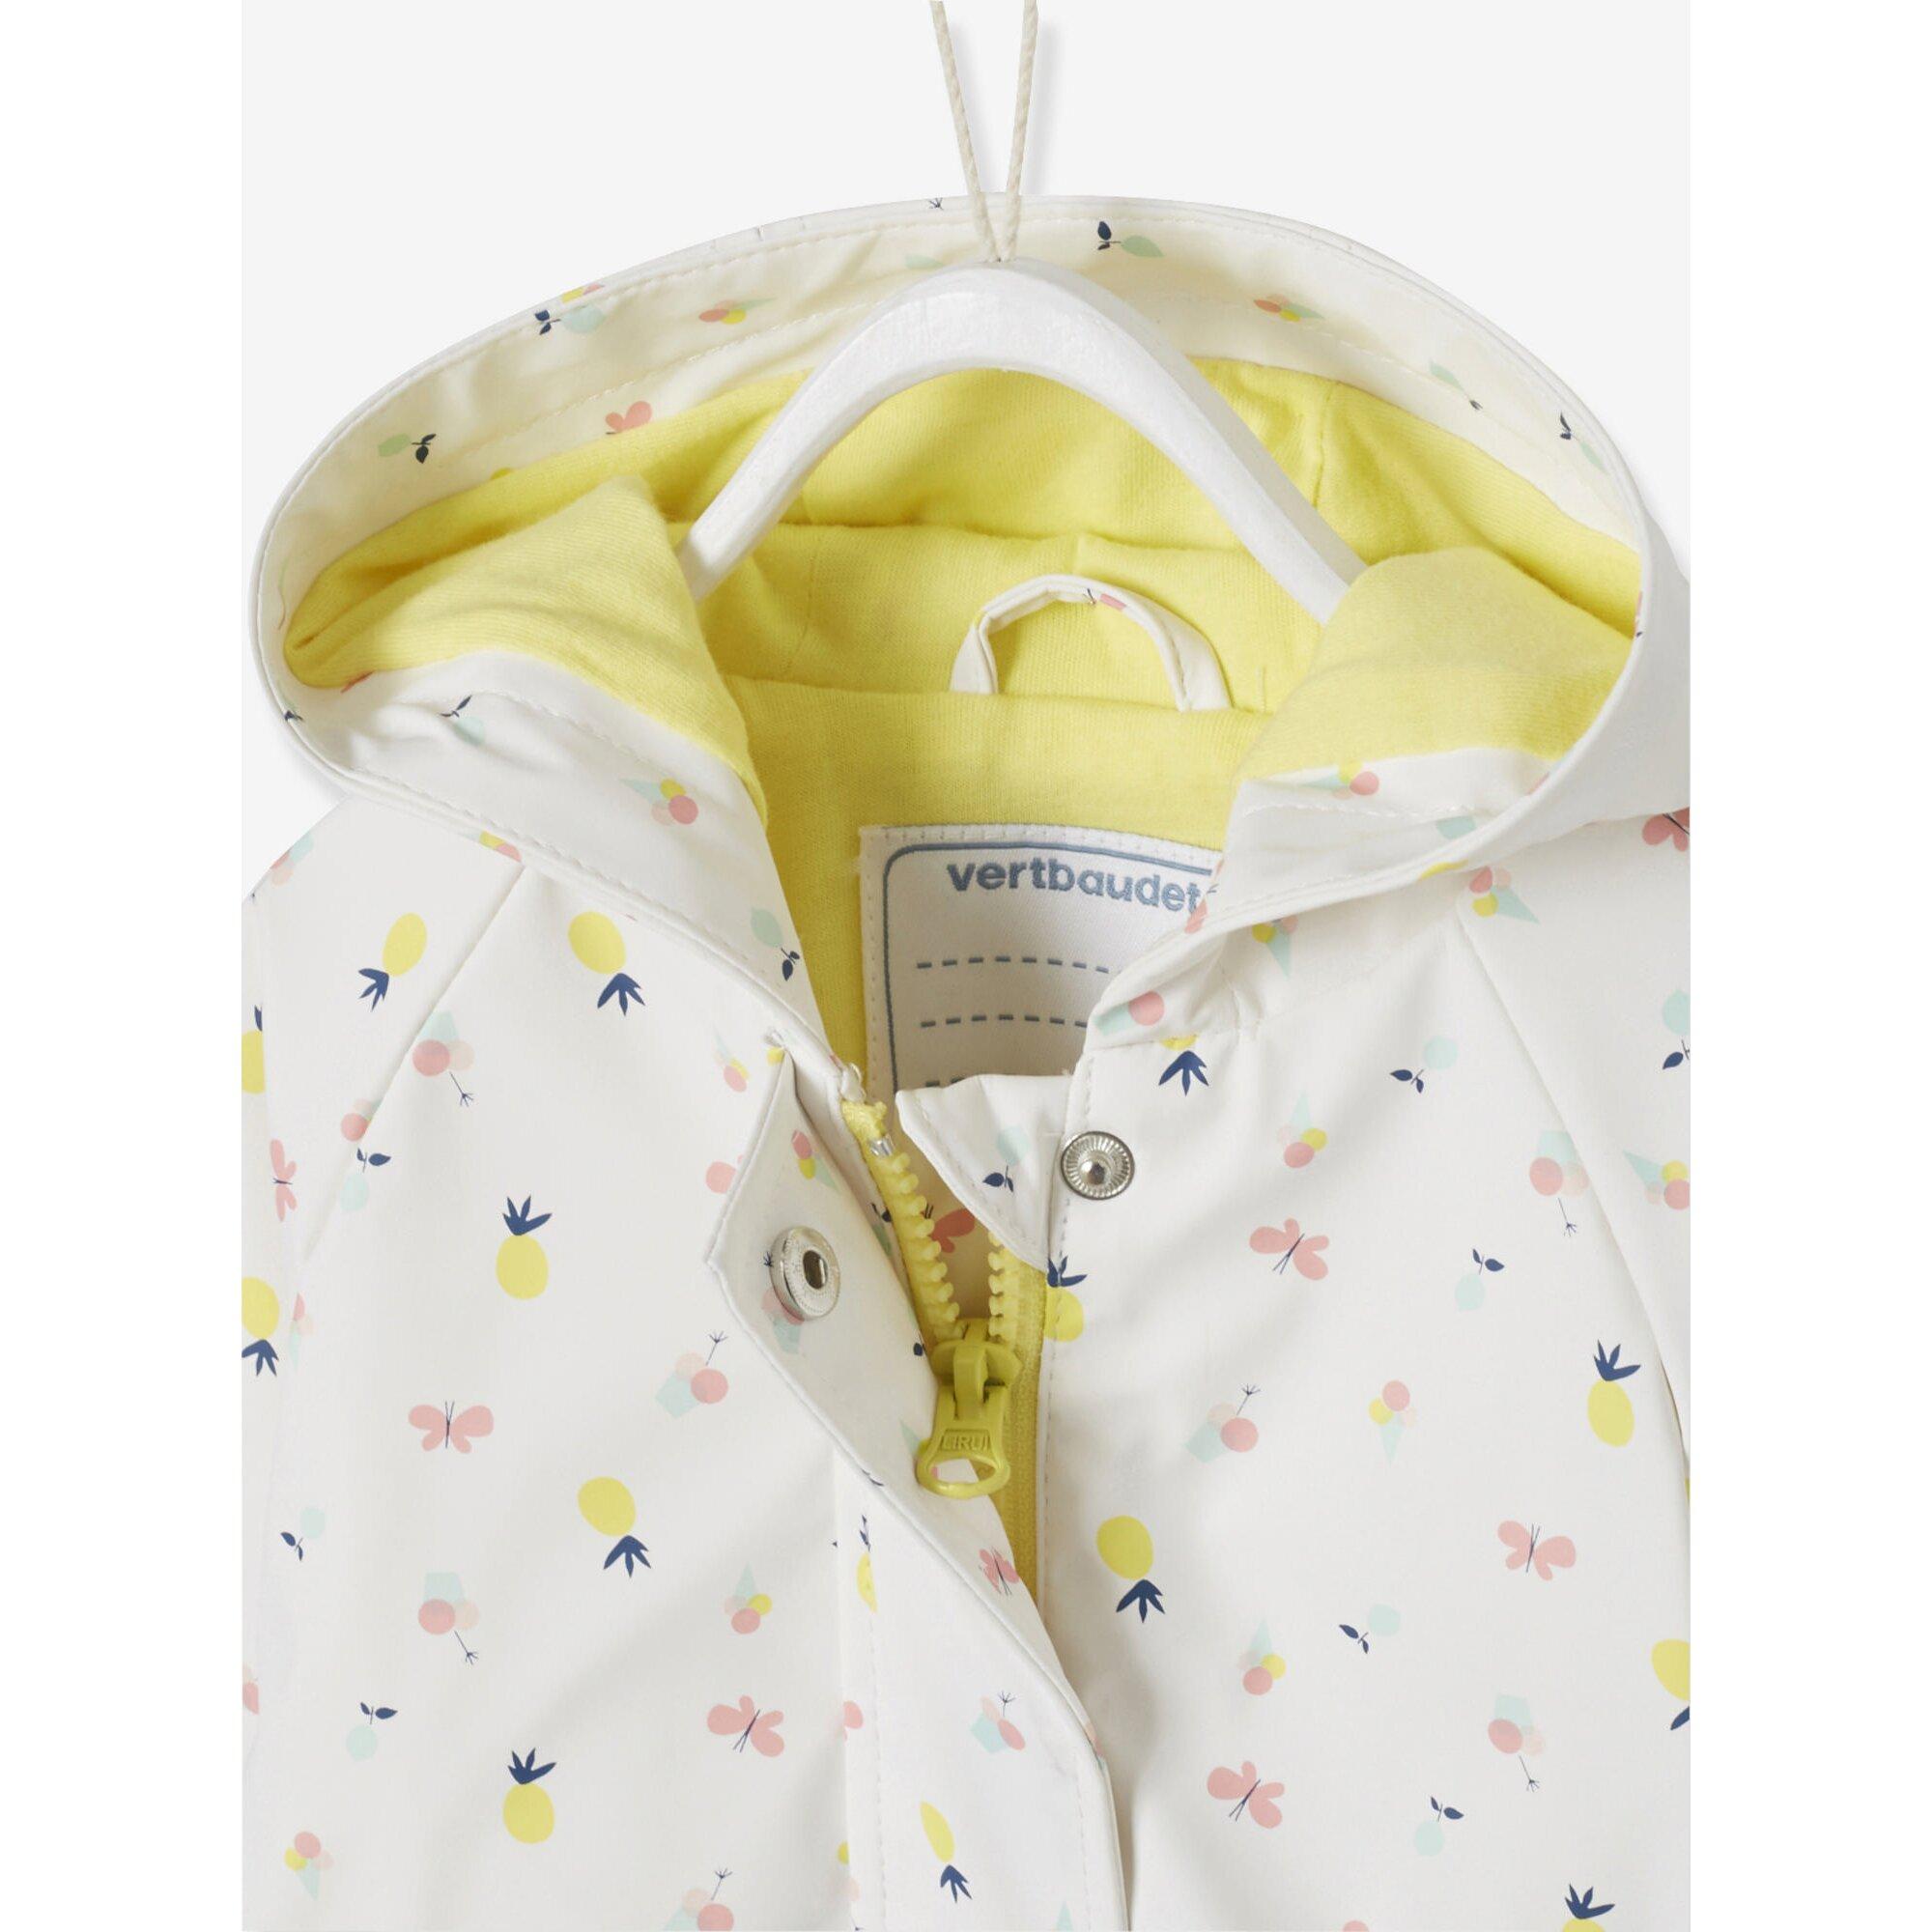 vertbaudet-madchen-baby-regenjacke-mit-kapuze-bedruckt